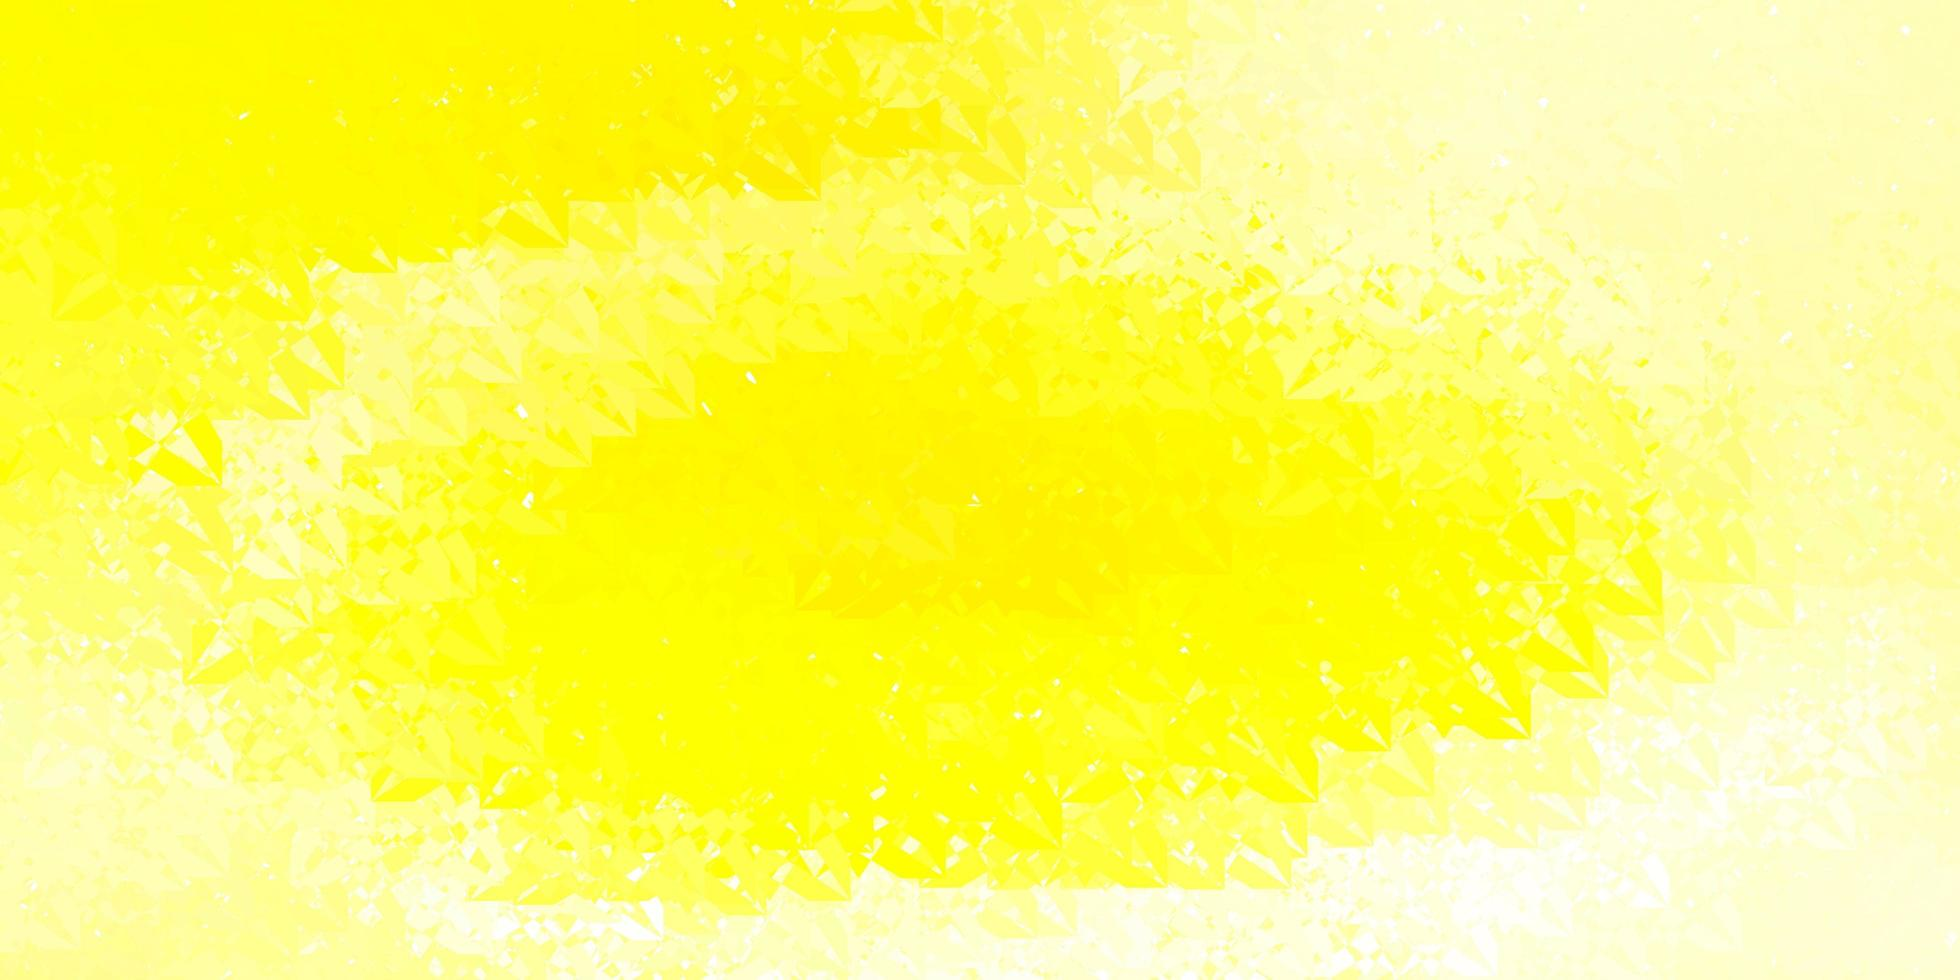 sfondo giallo scuro con triangoli. vettore